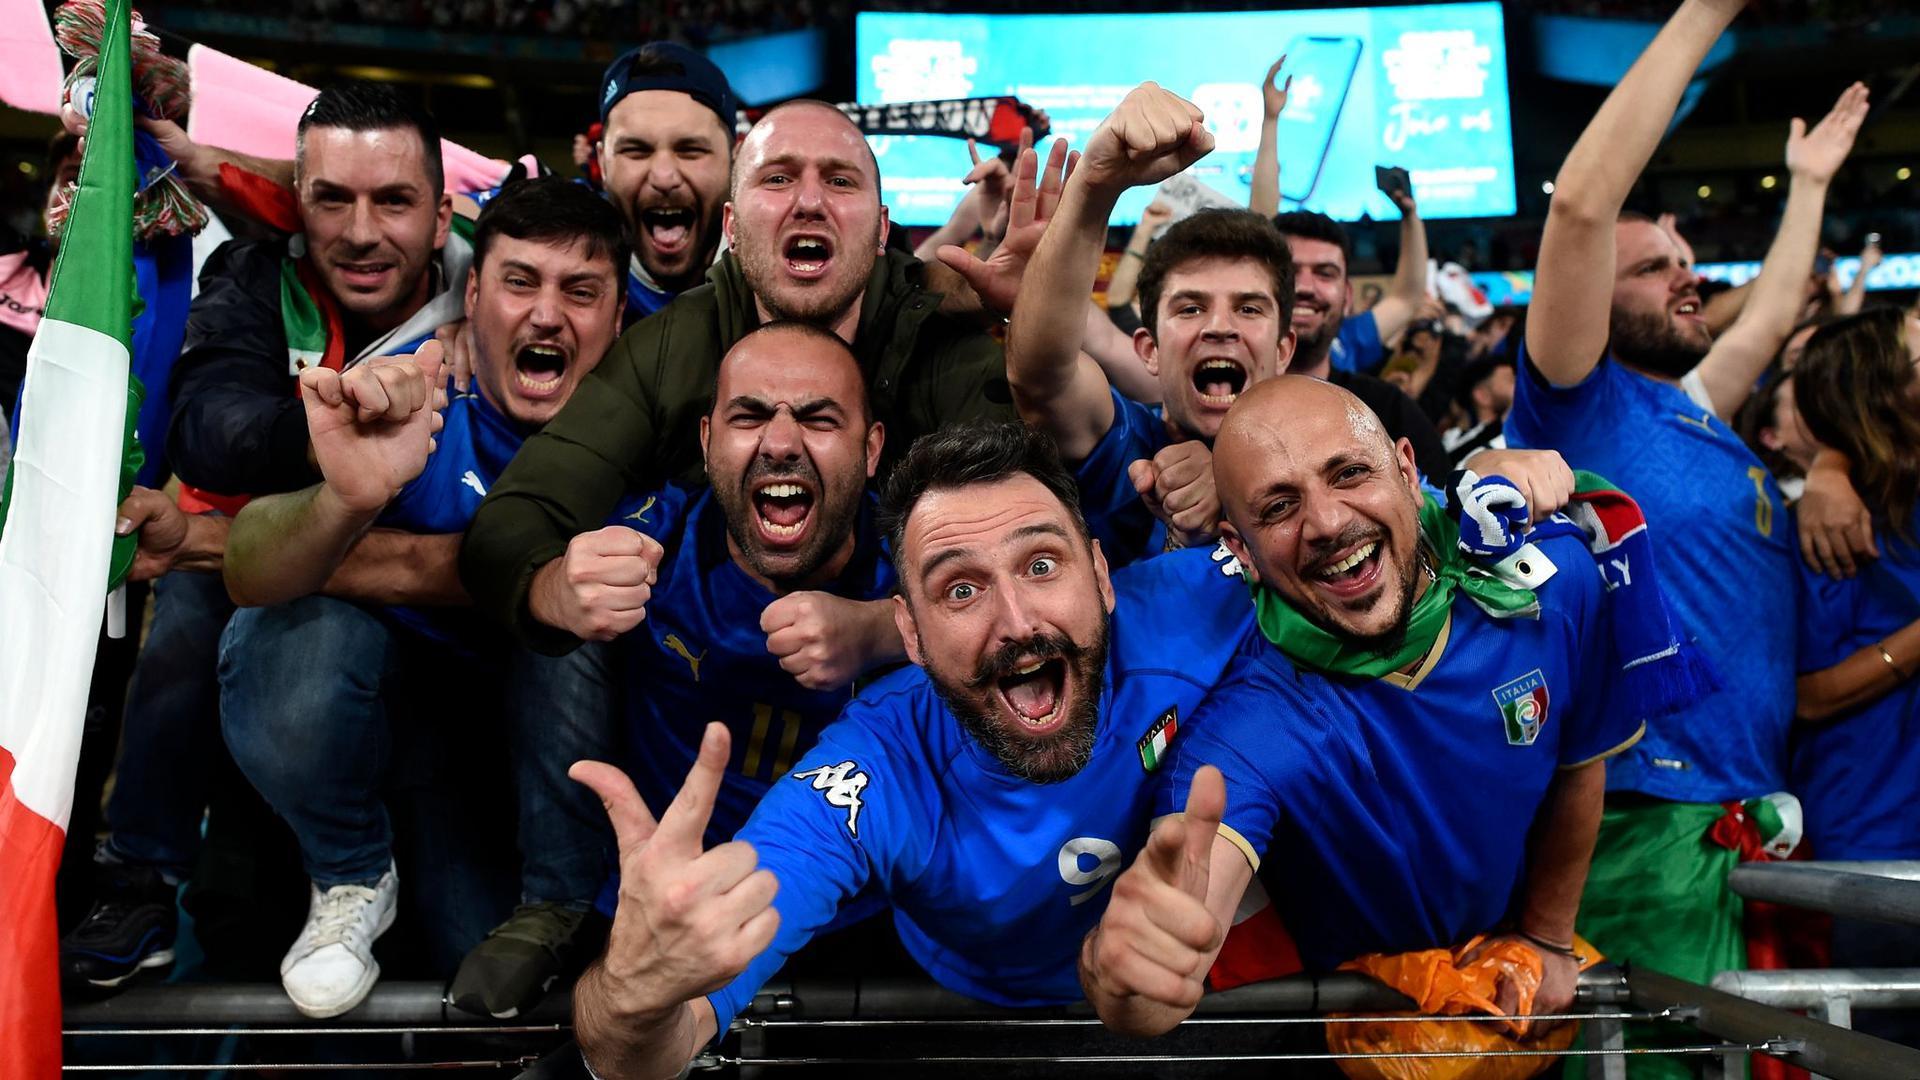 Italien gewinnt das Finale  im Elfmeterschießen mit 3:2 und ist  Fußball-Europameister.